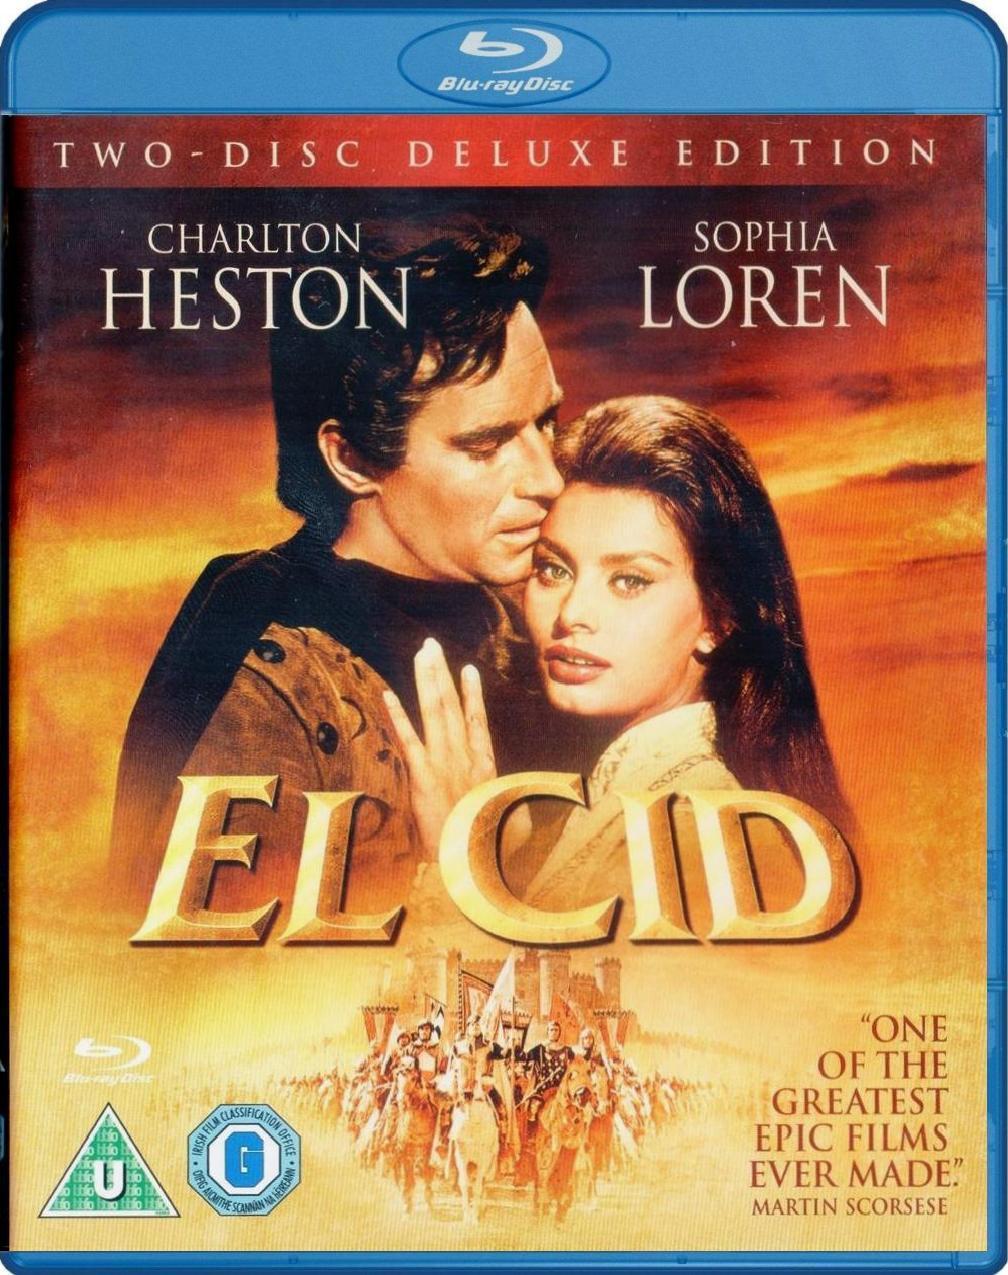 Cyd / El Cid